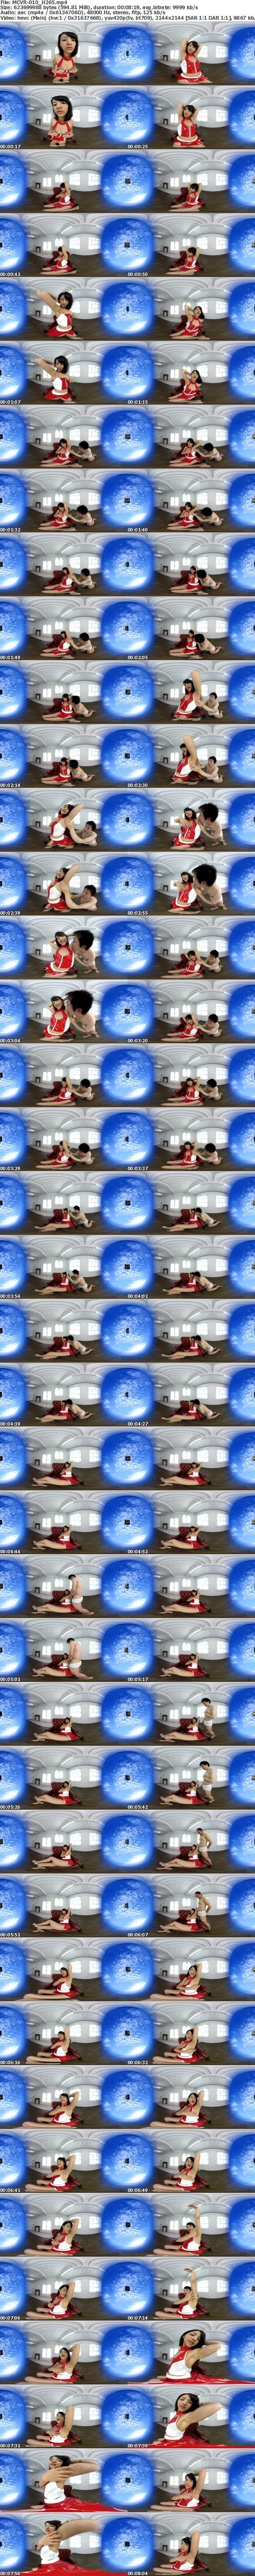 VR/3D MCVR-010 高城アミナのVRワキなめぶっかけ milkycat フェチ・お姉さん